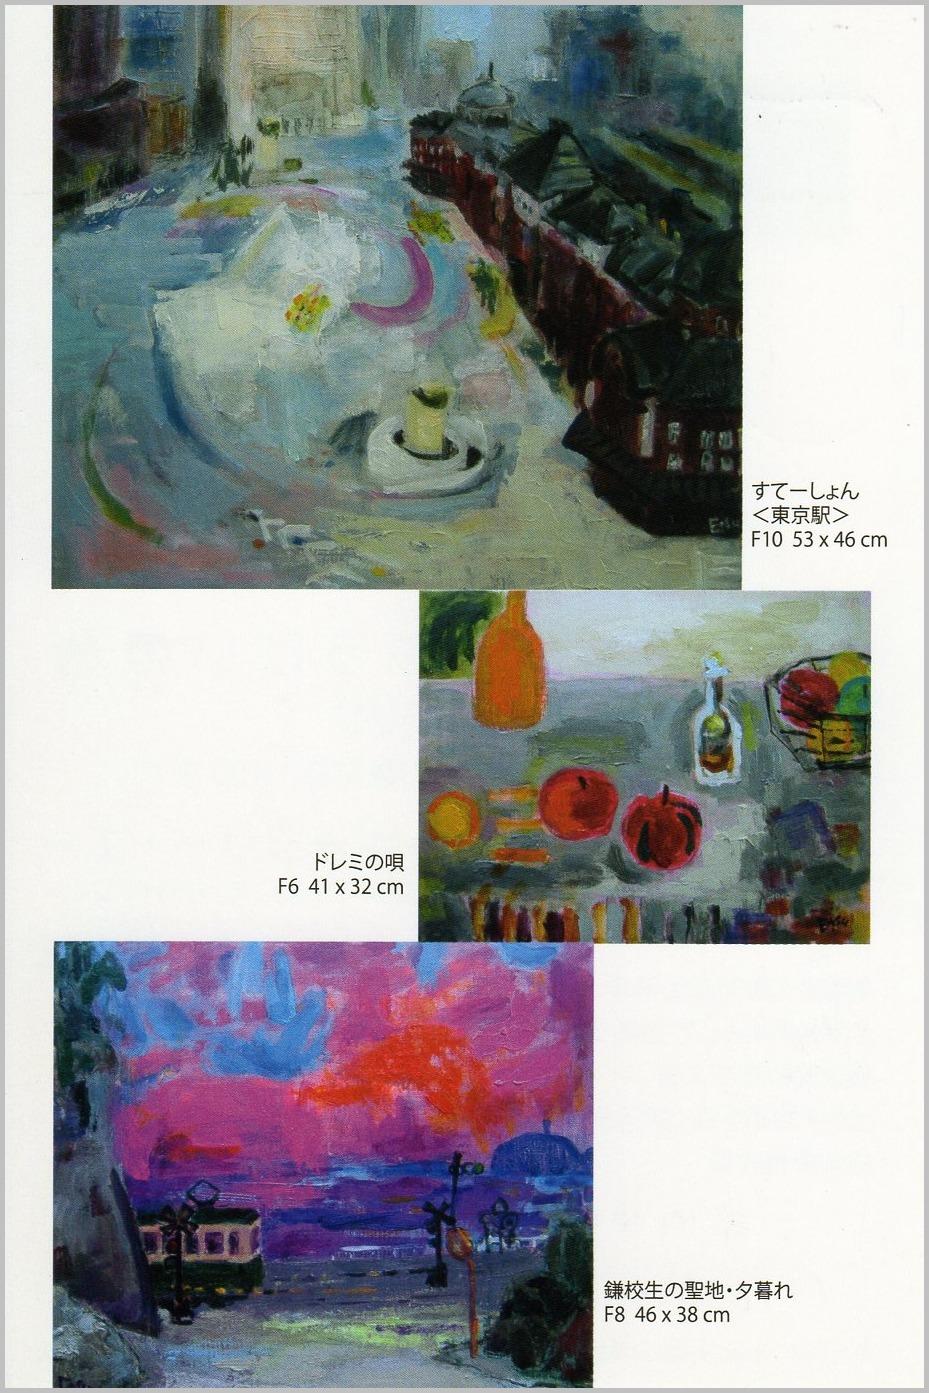 中島悦子 油彩画展 ふうけいの色_a0086270_12481145.jpg